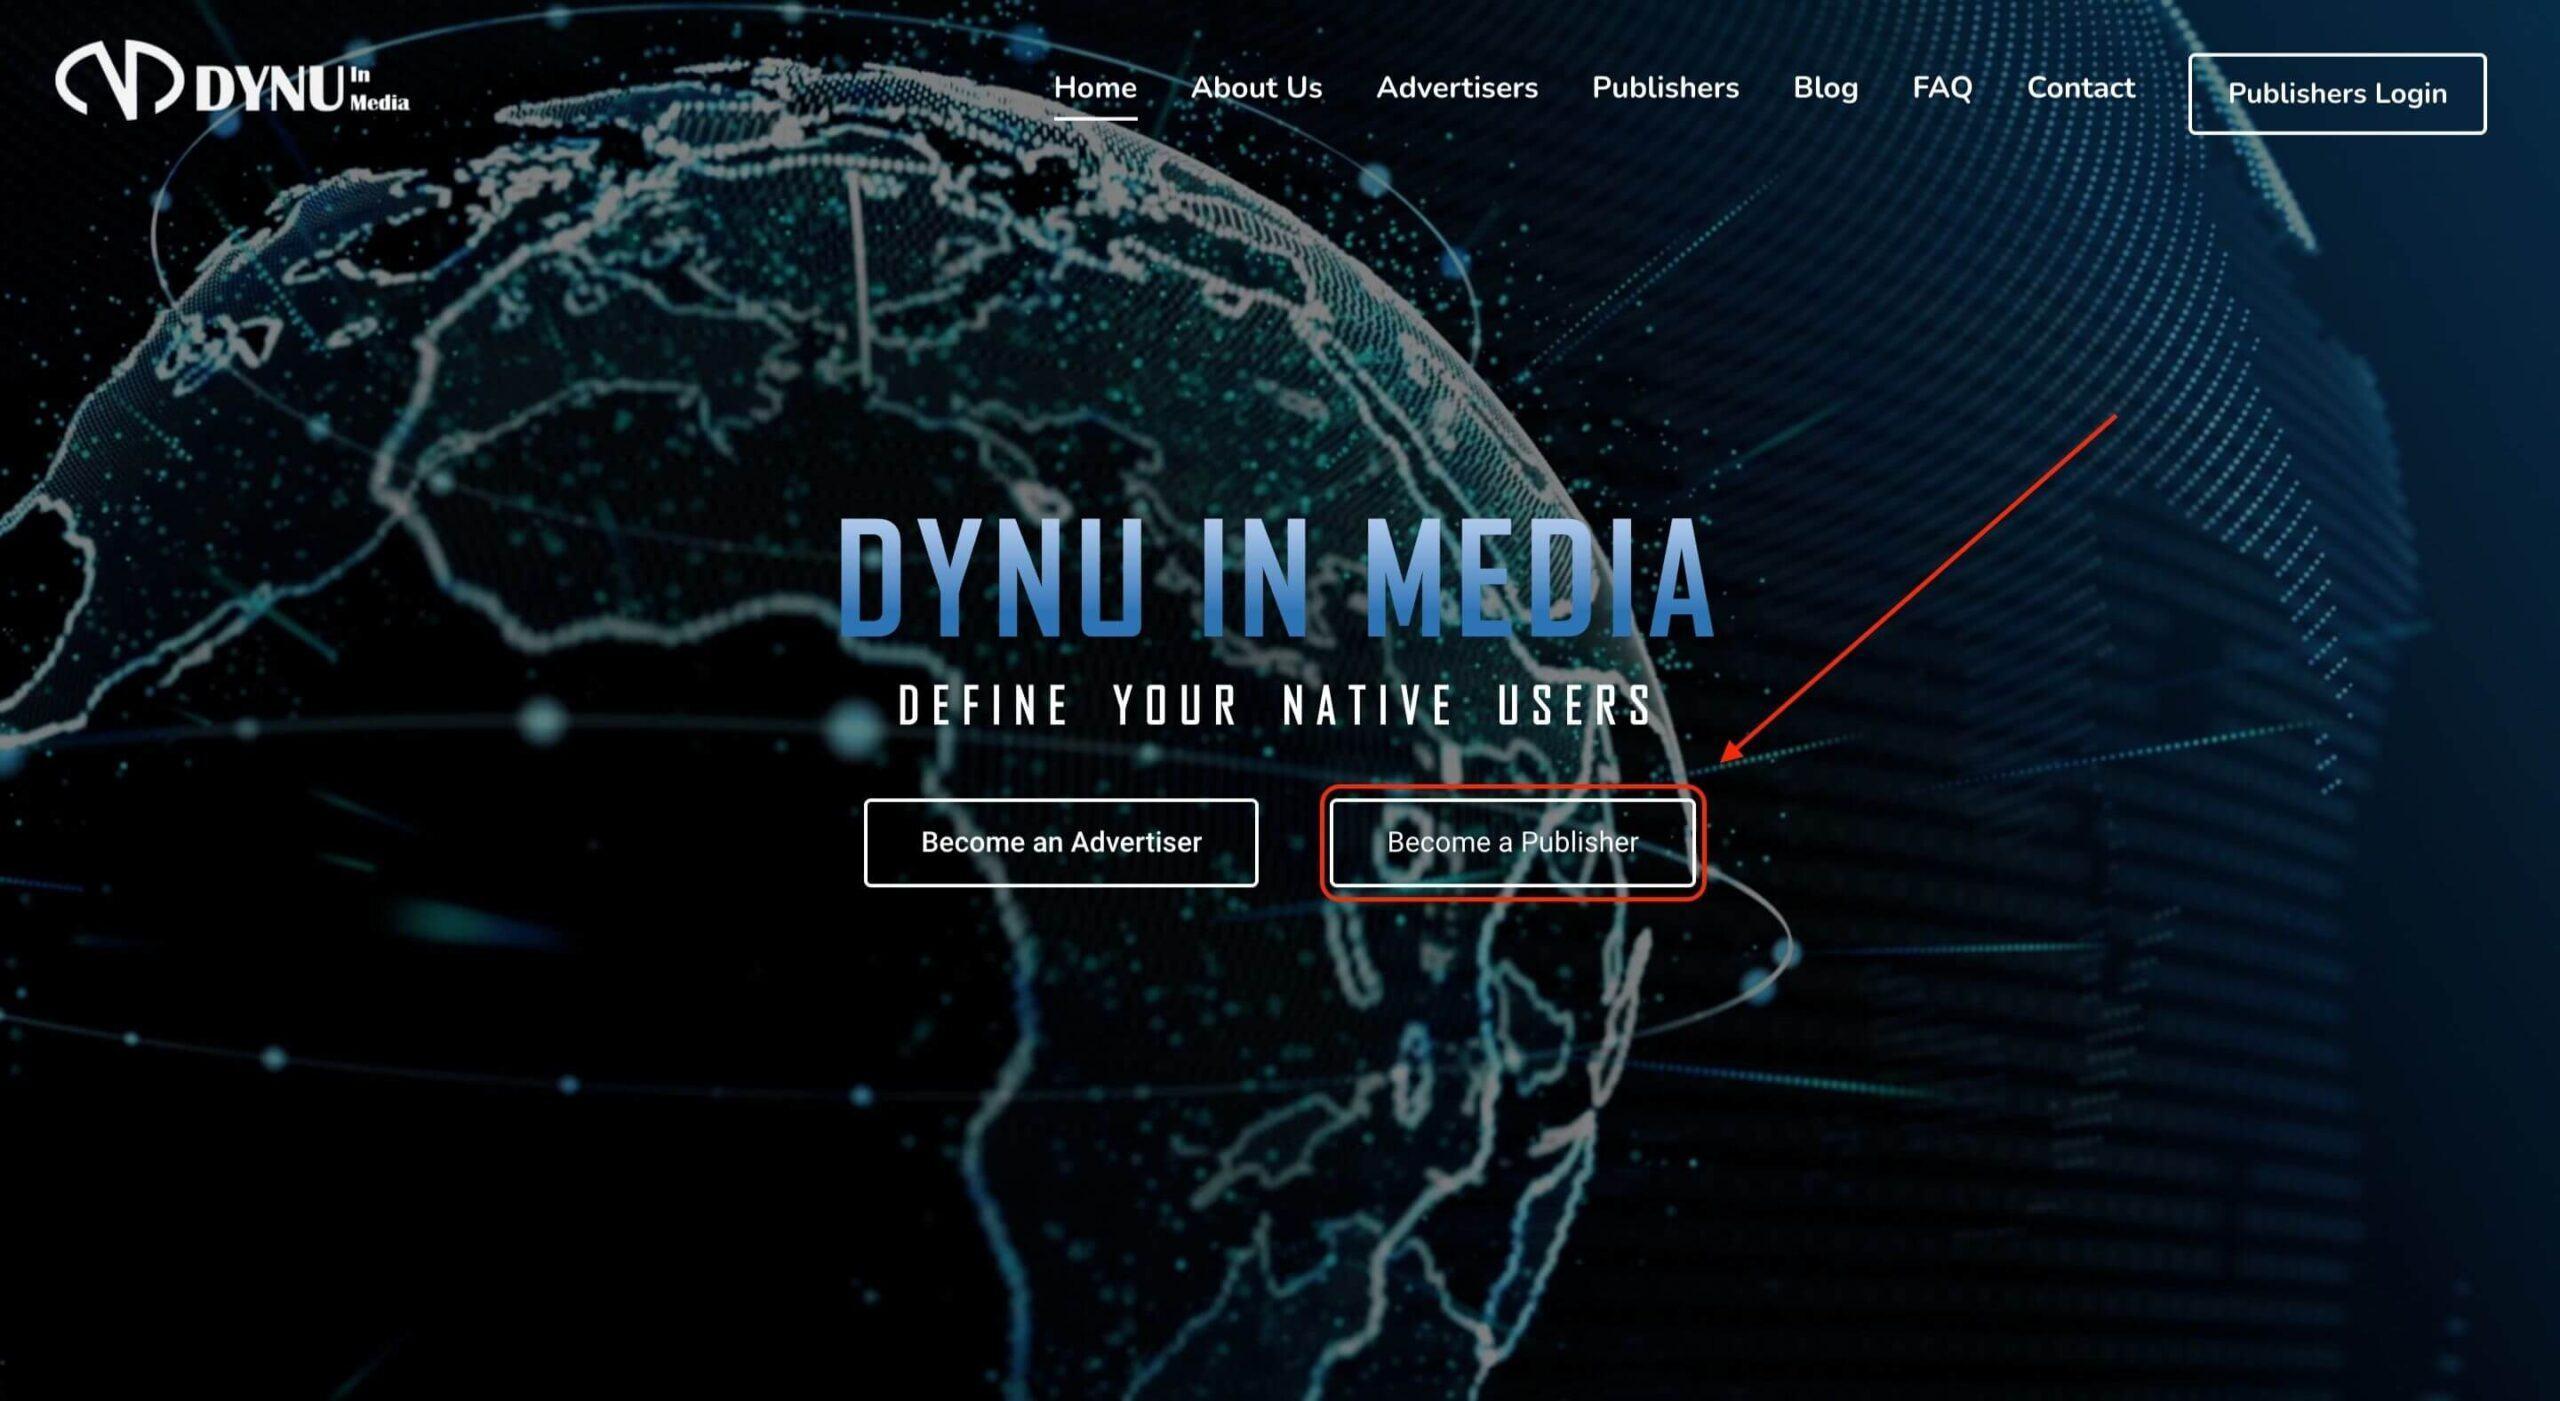 Lựa chọn để trở thành nhà quảng cáo hoặc nhà sản xuất trên Dynu In Media